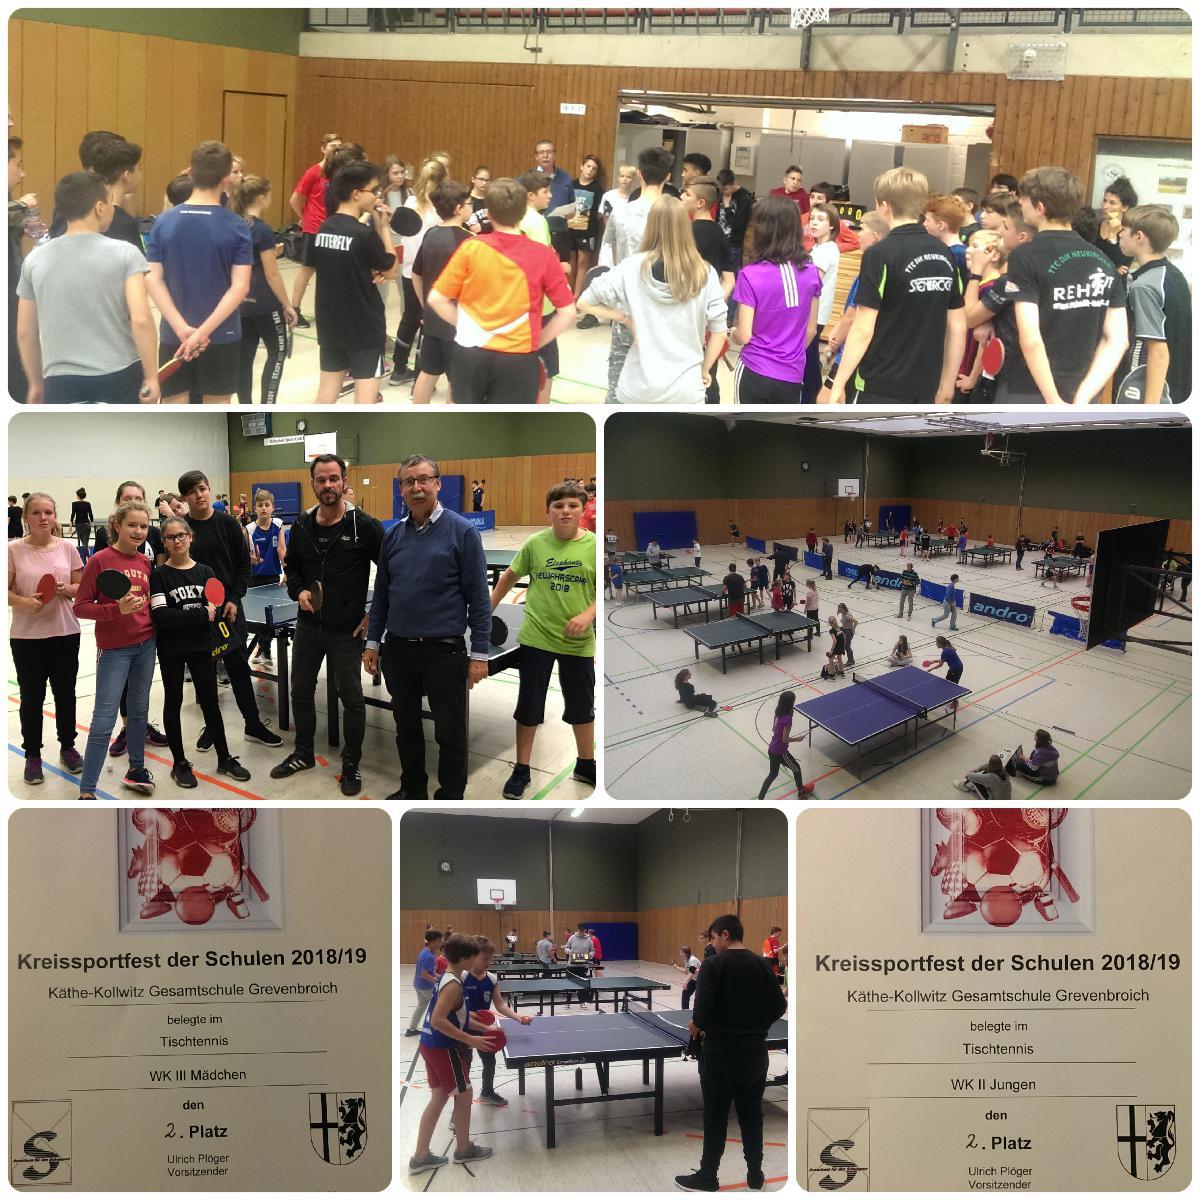 Licht und Schatten beim diesjährigen Kreisfinale im Tischtennis